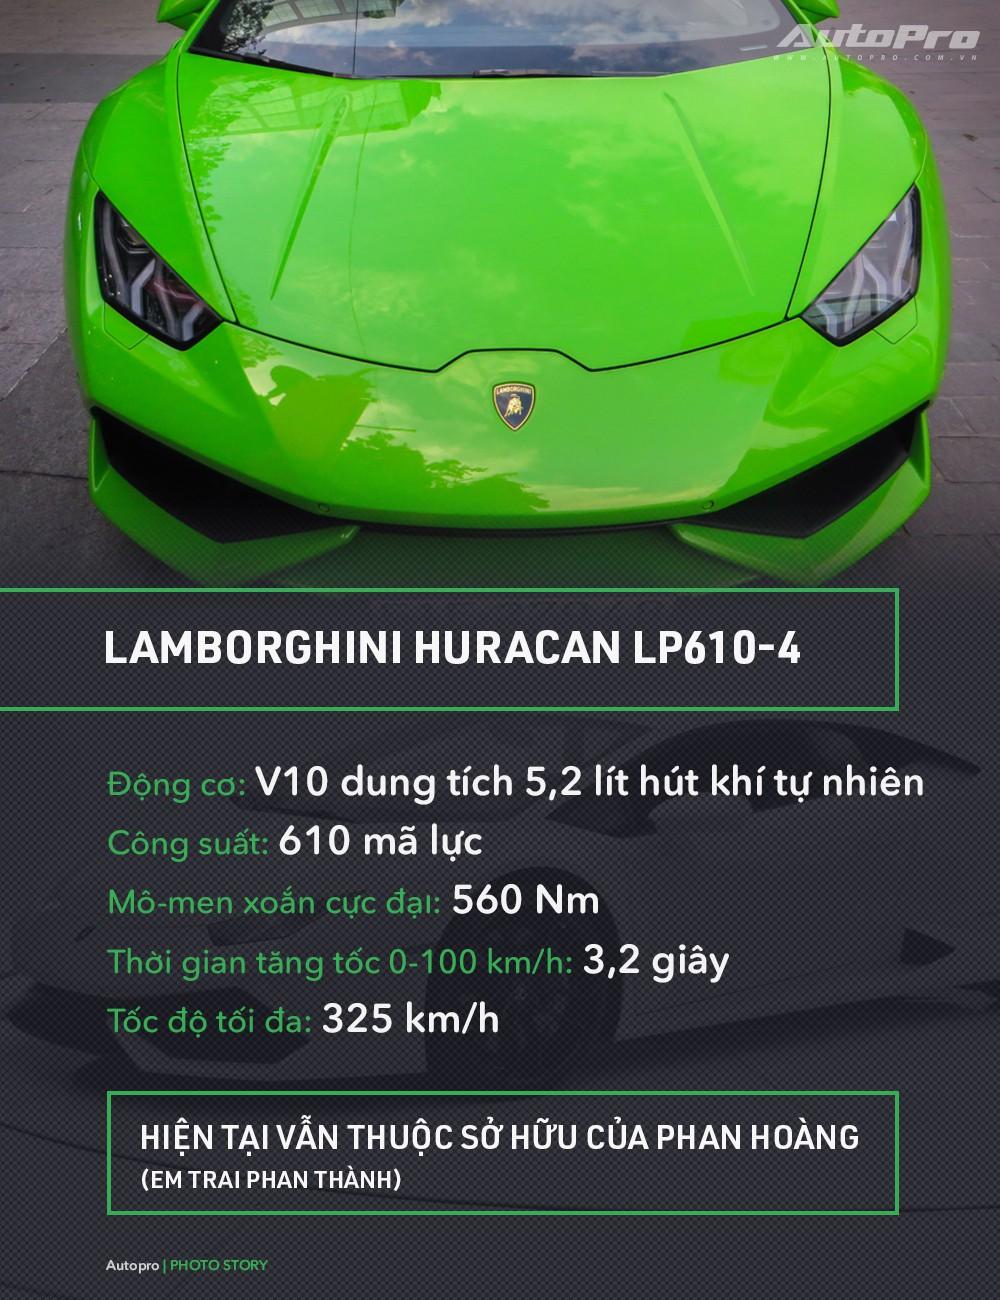 Trước Maybach S450, Phan Thành từng mạnh tay mua những mẫu xe khủng nào? - Ảnh 3.